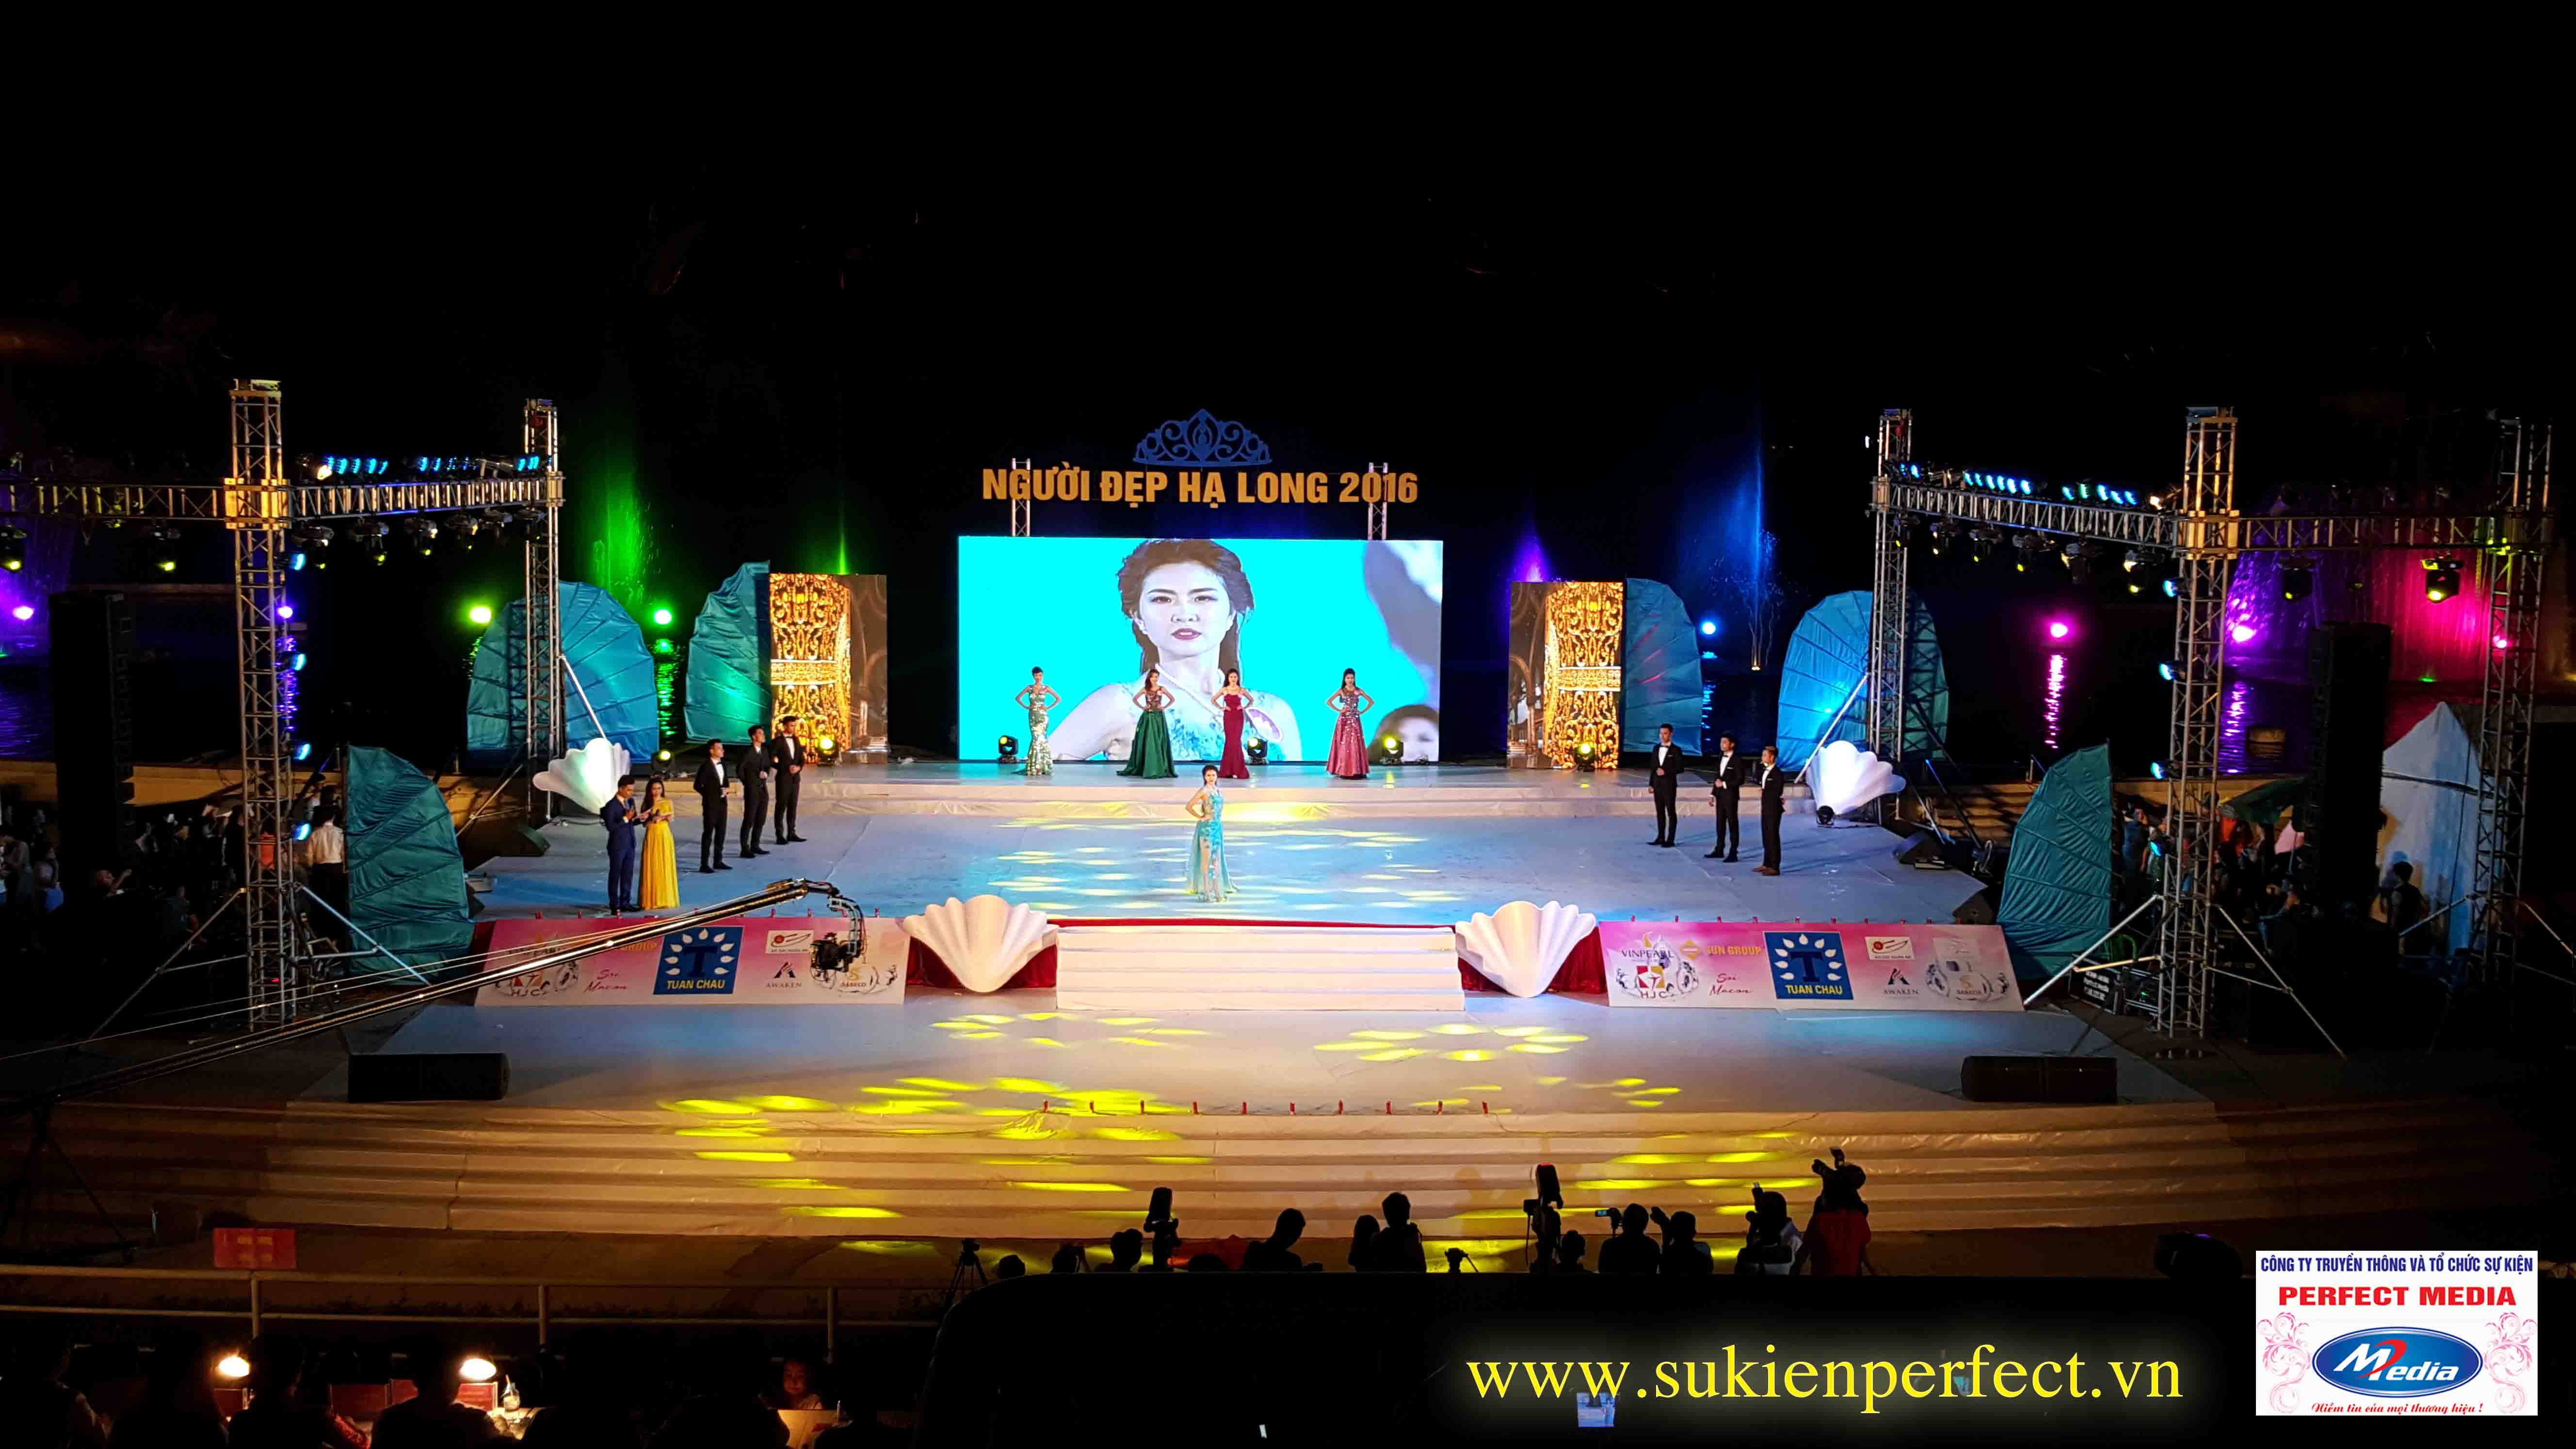 Không gian sân khấu rộng, hoành tráng và chuyên nghiệp